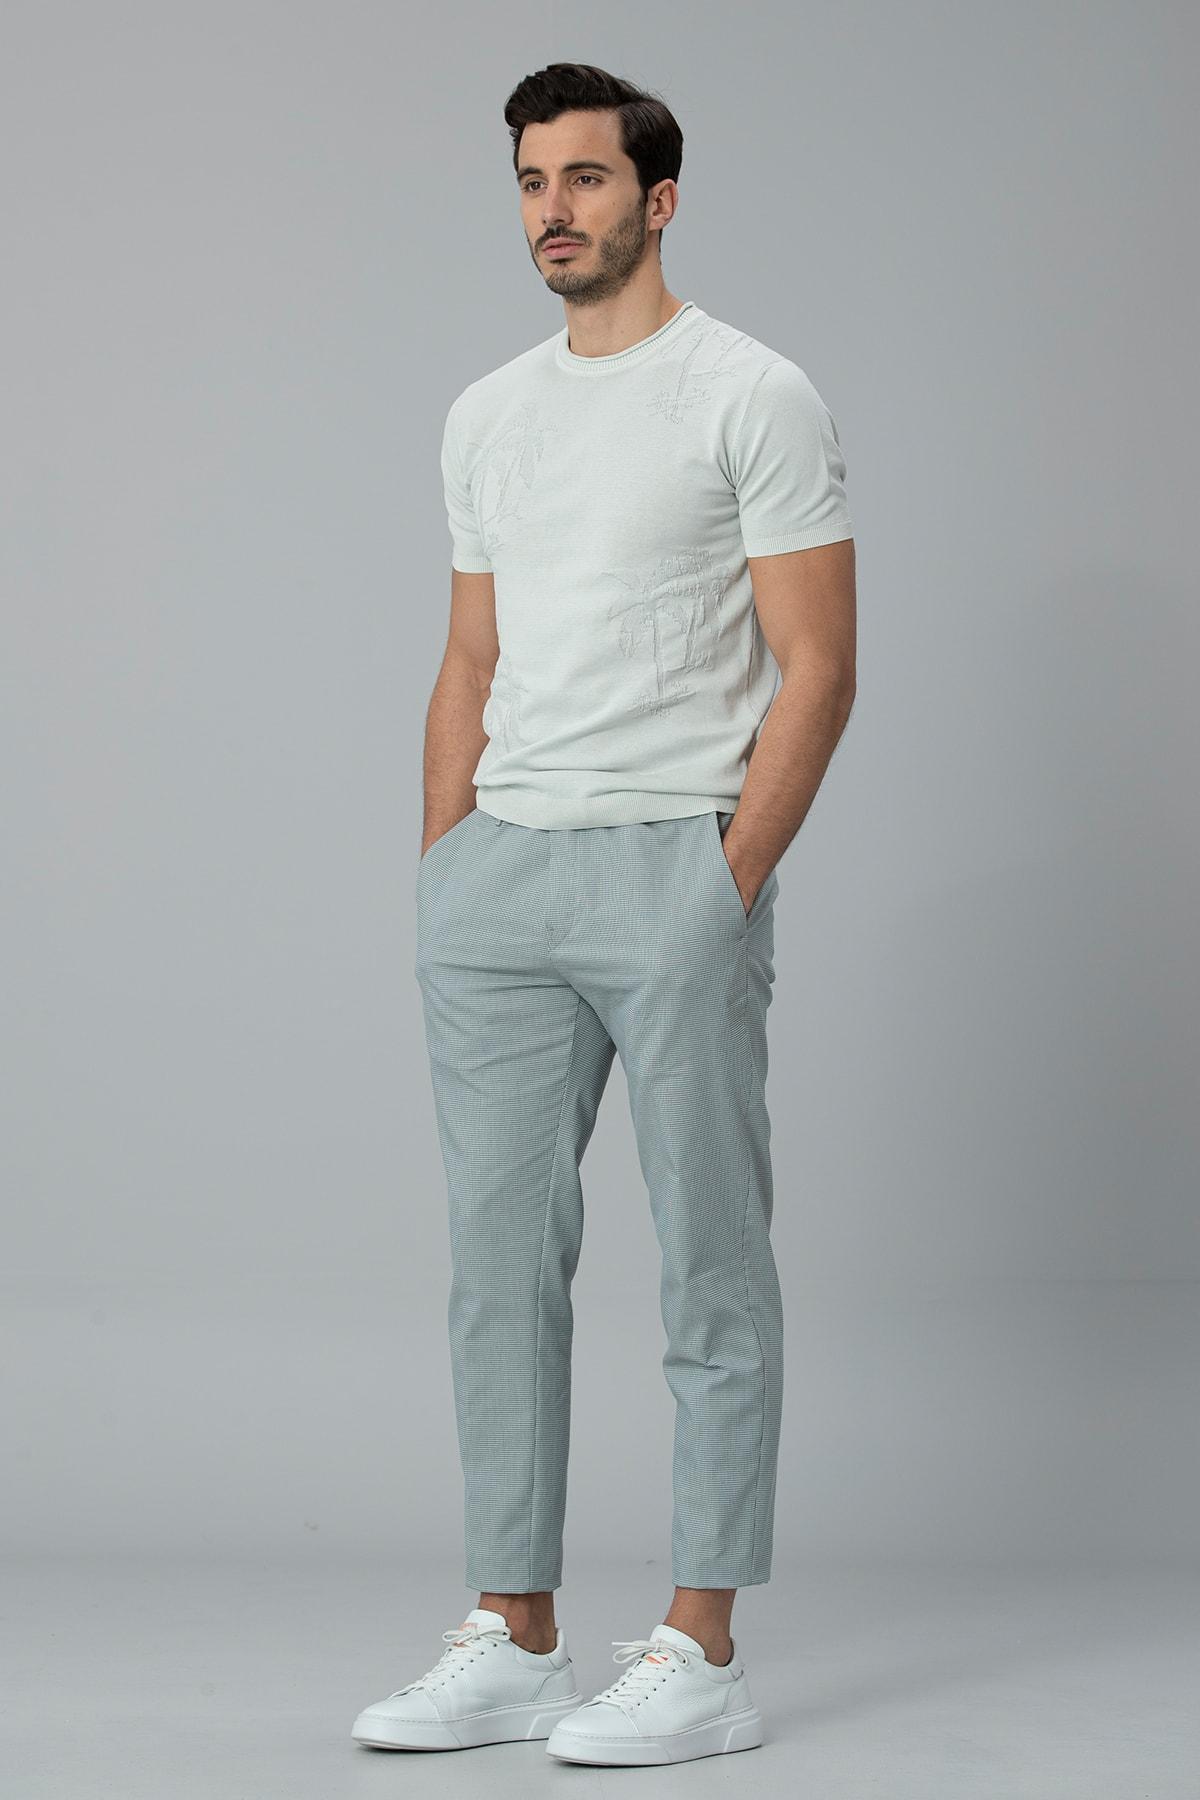 Lufian Klosi Spor Chino Pantolon Tailored Fit Yeşil 3